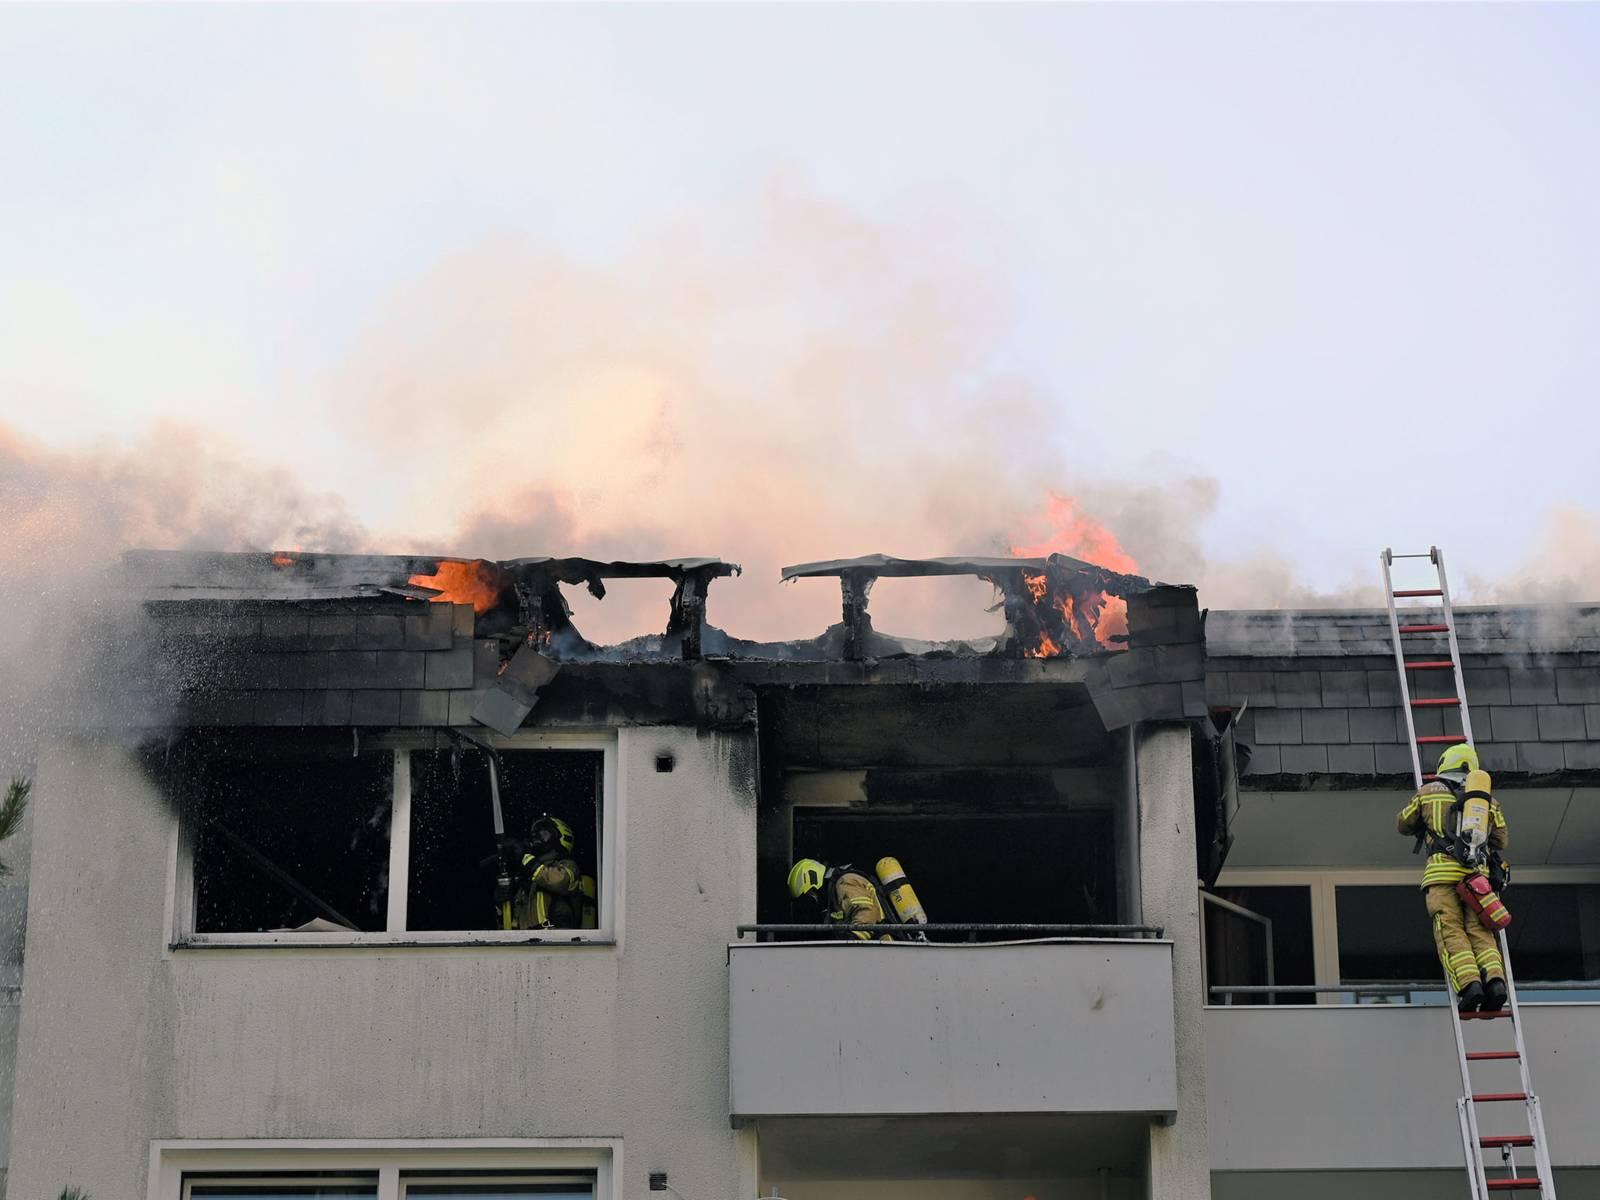 Wohnungsbrand in einem viergeschossigen Mehrfamilienhaus